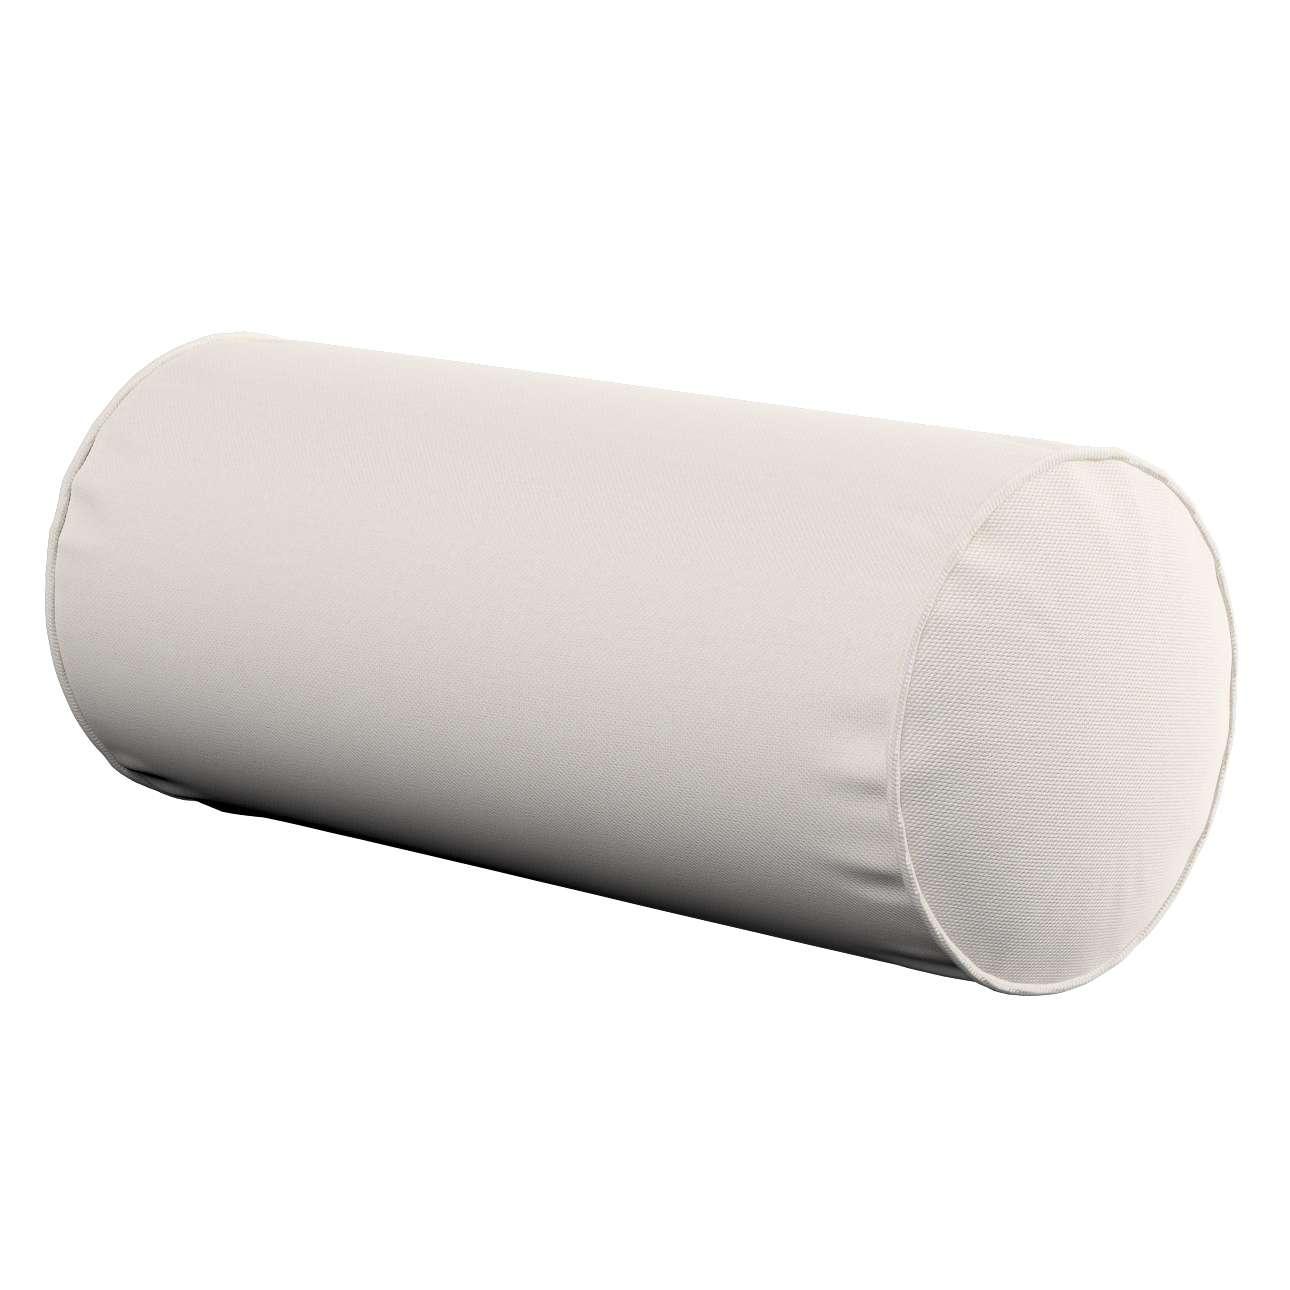 Einfache Nackenrolle, naturweiß, Ø 16 × 40 cm, Etna | Schlafzimmer > Kopfkissen | Dekoria